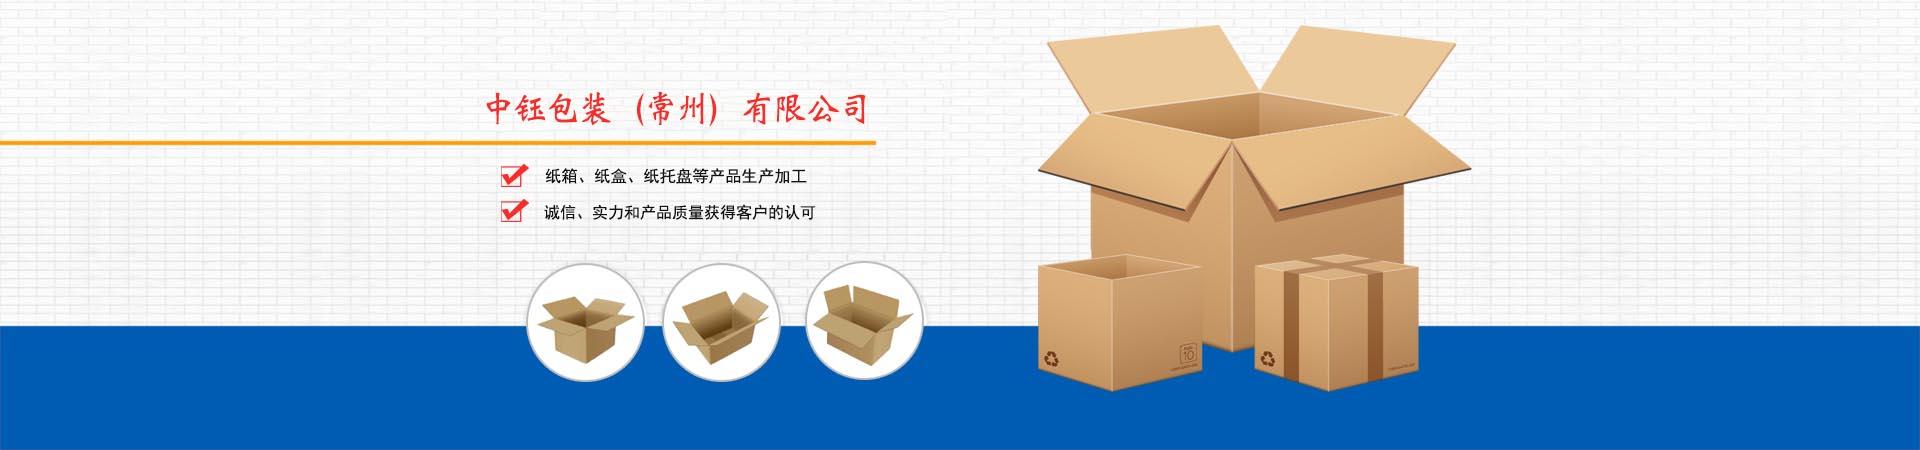 常州纸箱厂,常州纸箱生产厂家,常州纸箱包装厂